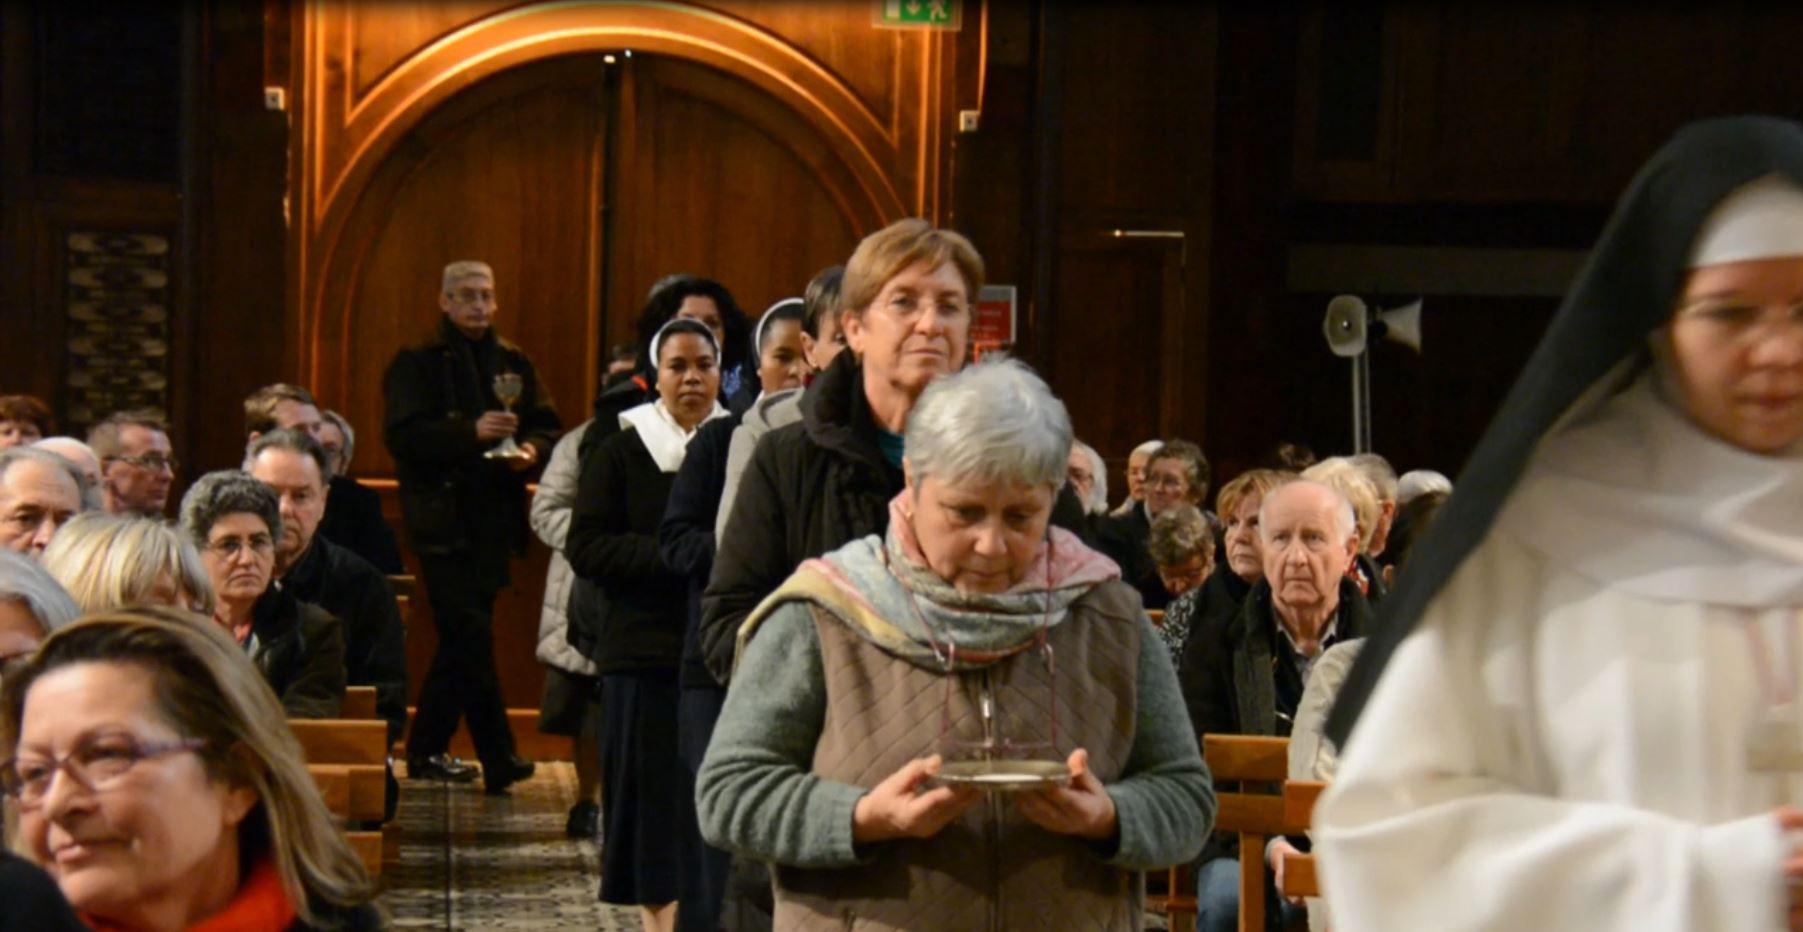 Les vœux au sanctuaire notre-Dame du Laus avec présentation du programme de l'année jubilaire ( de mai 2014 à mai 2015 )